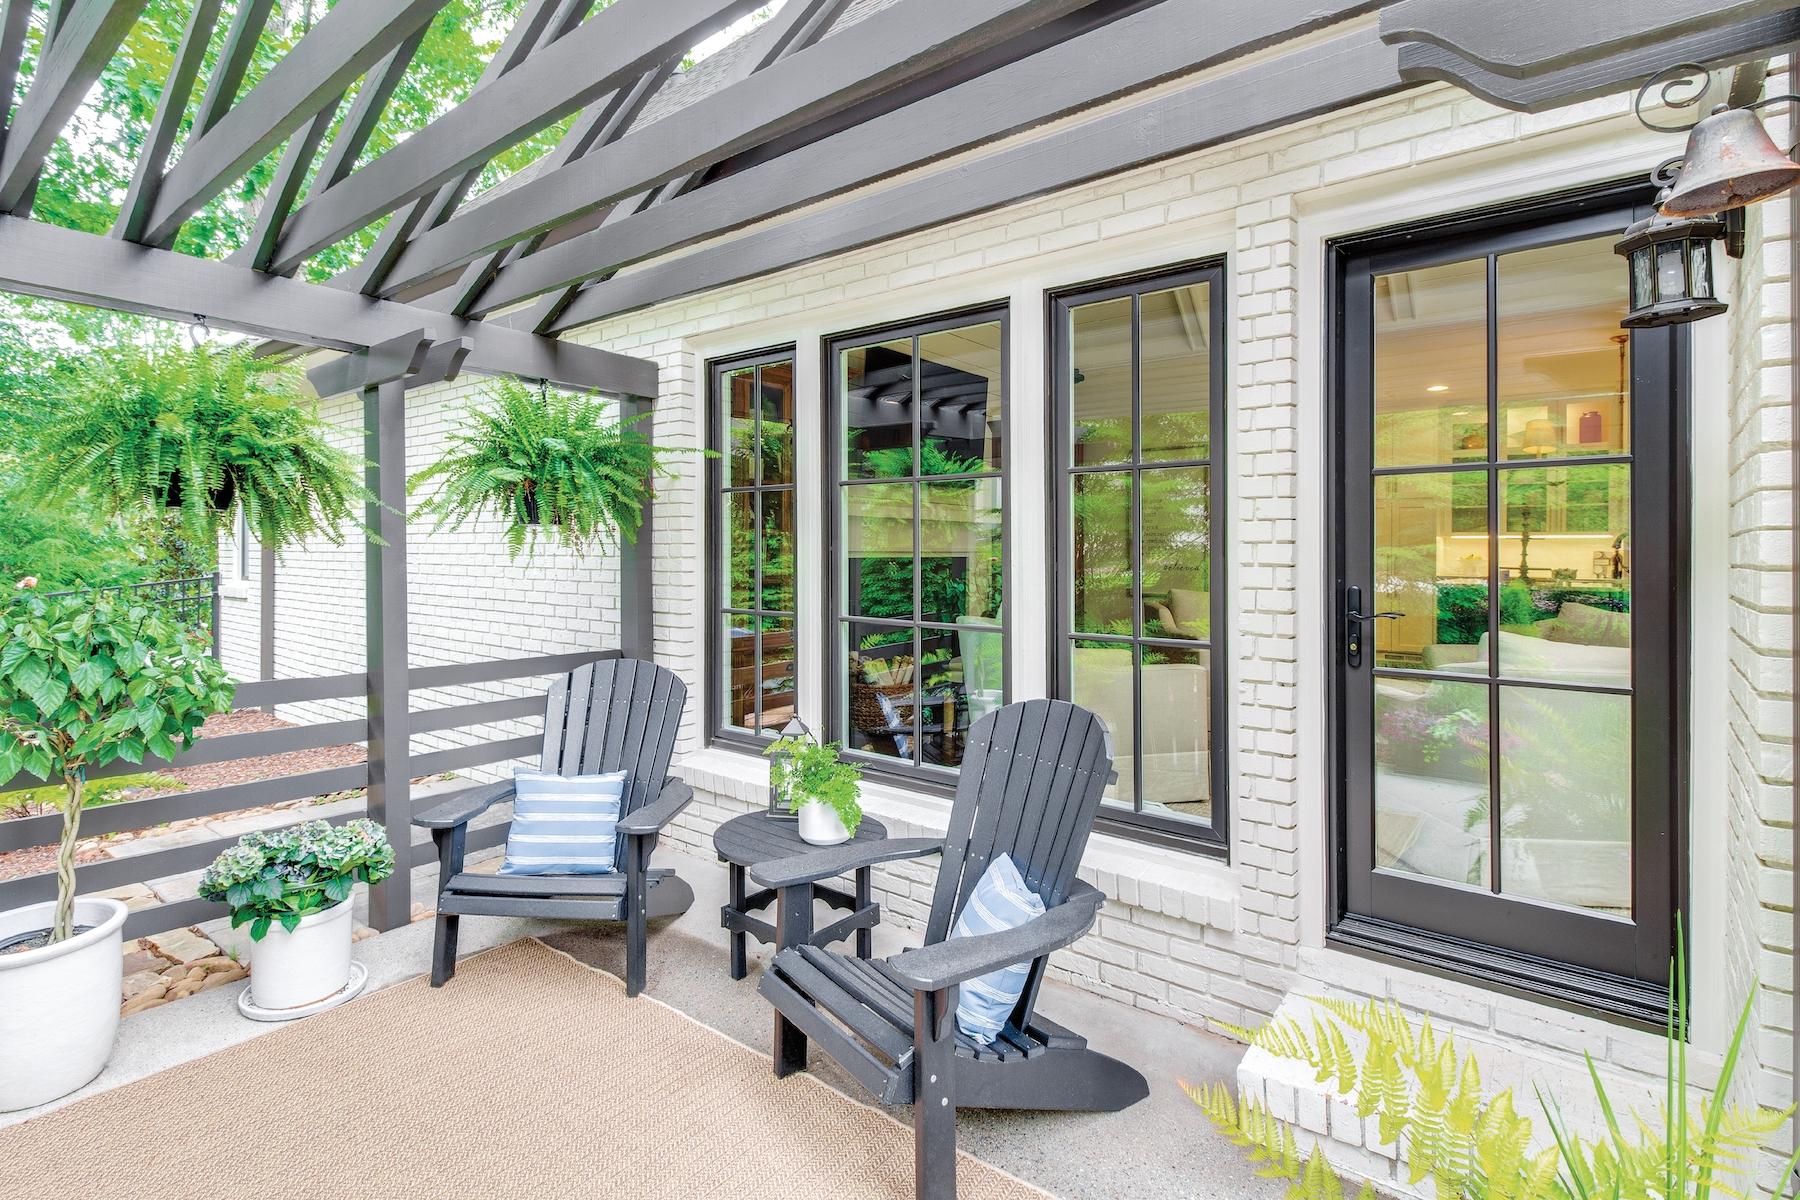 Exterior view of Inswing Door on patio